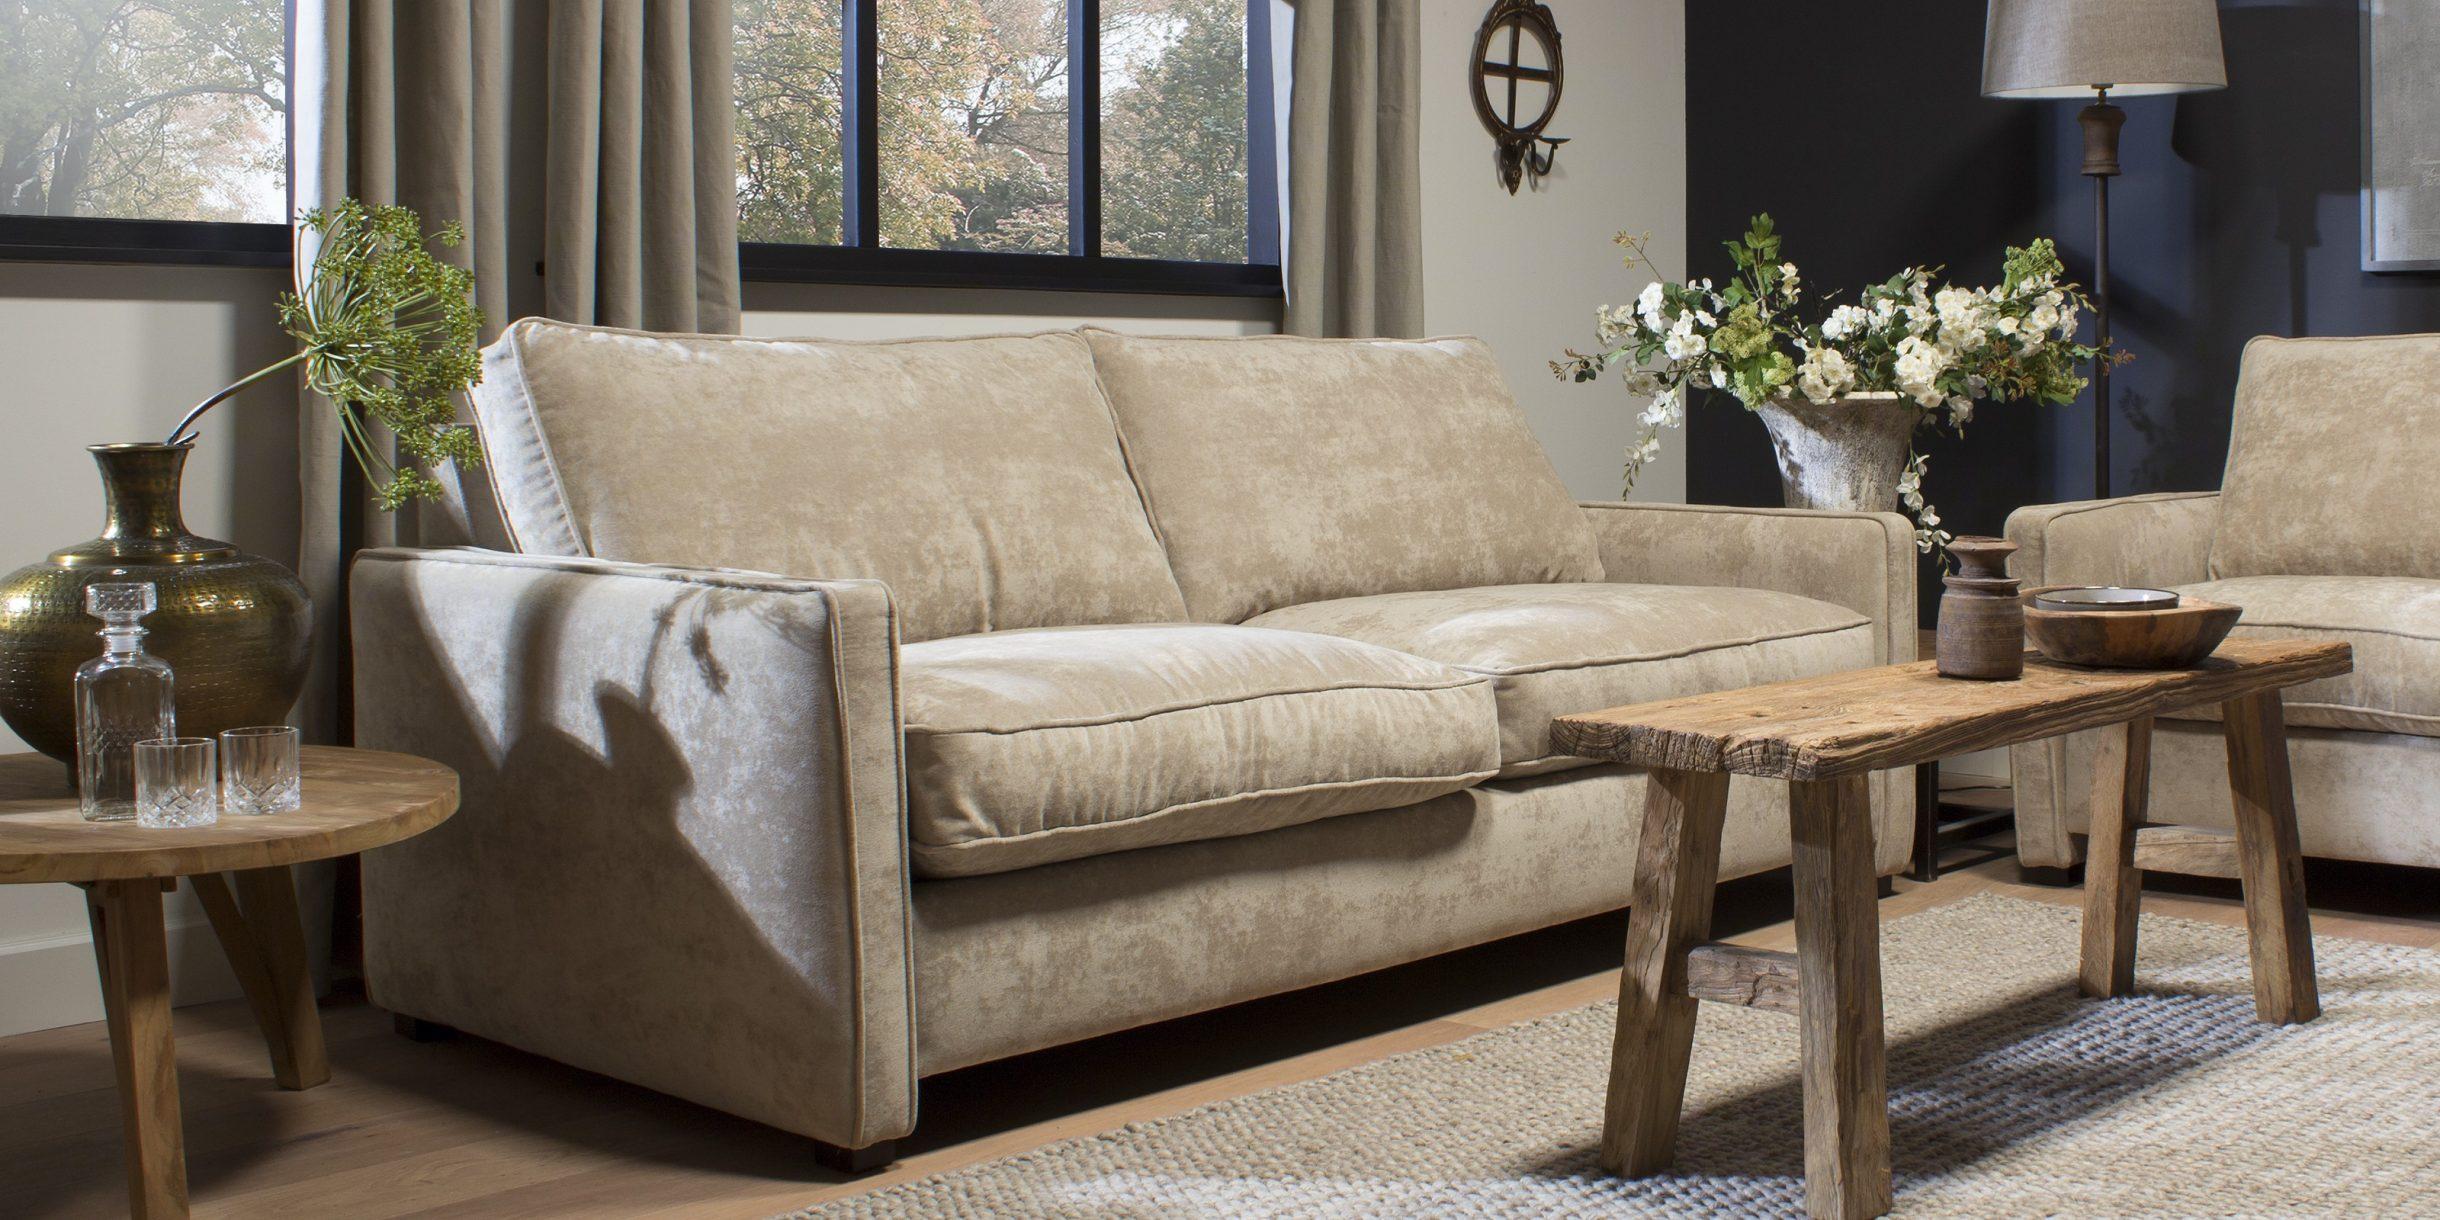 UrbanSofa Logan Sofa close up 1